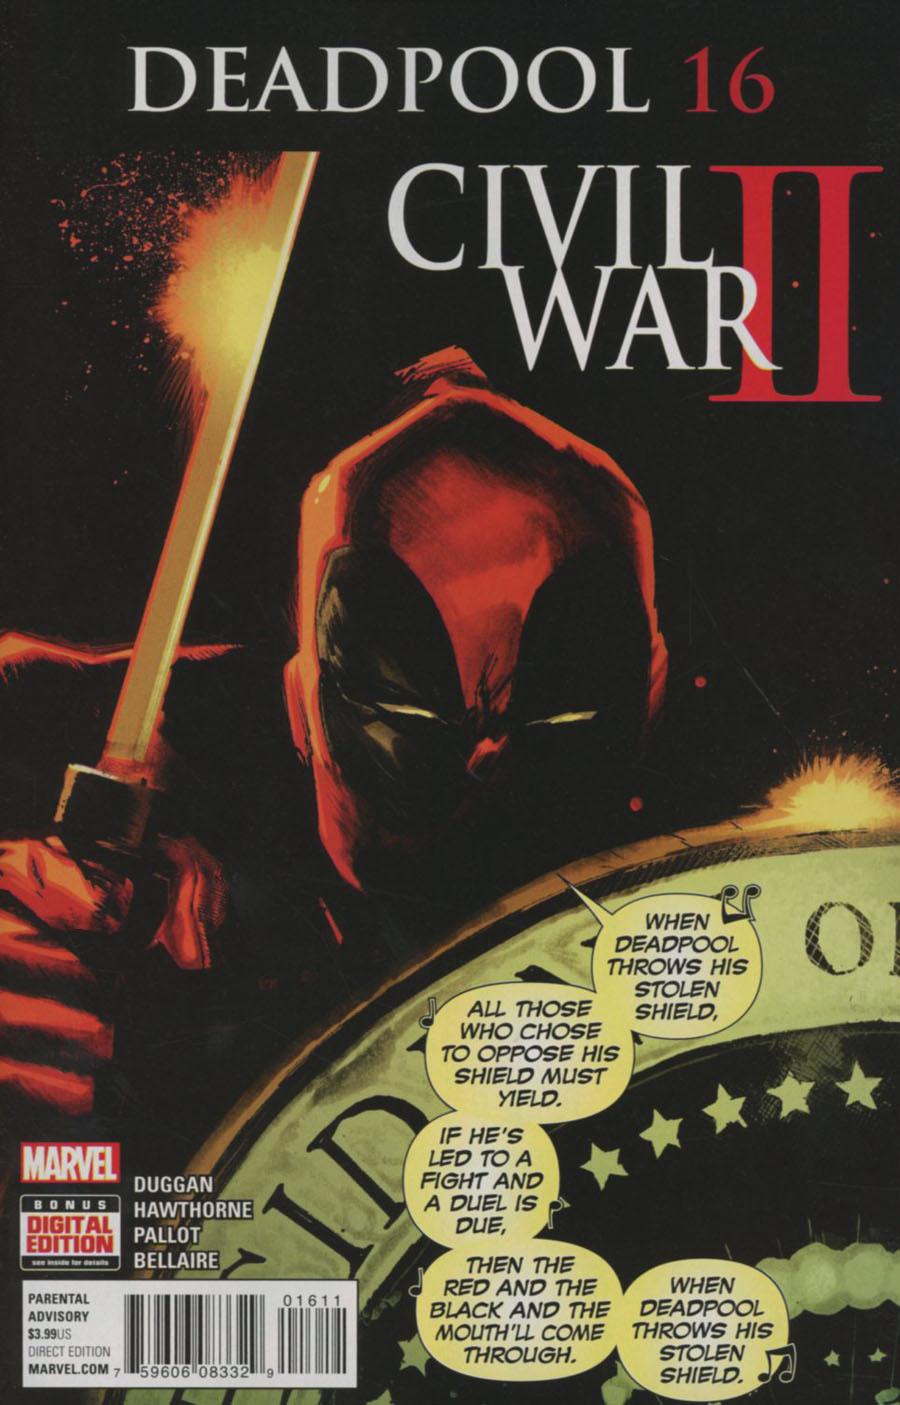 Deadpool Vol 5 #16 Cover A Regular Rafael Albuquerque Cover (Civil War II Tie-In)